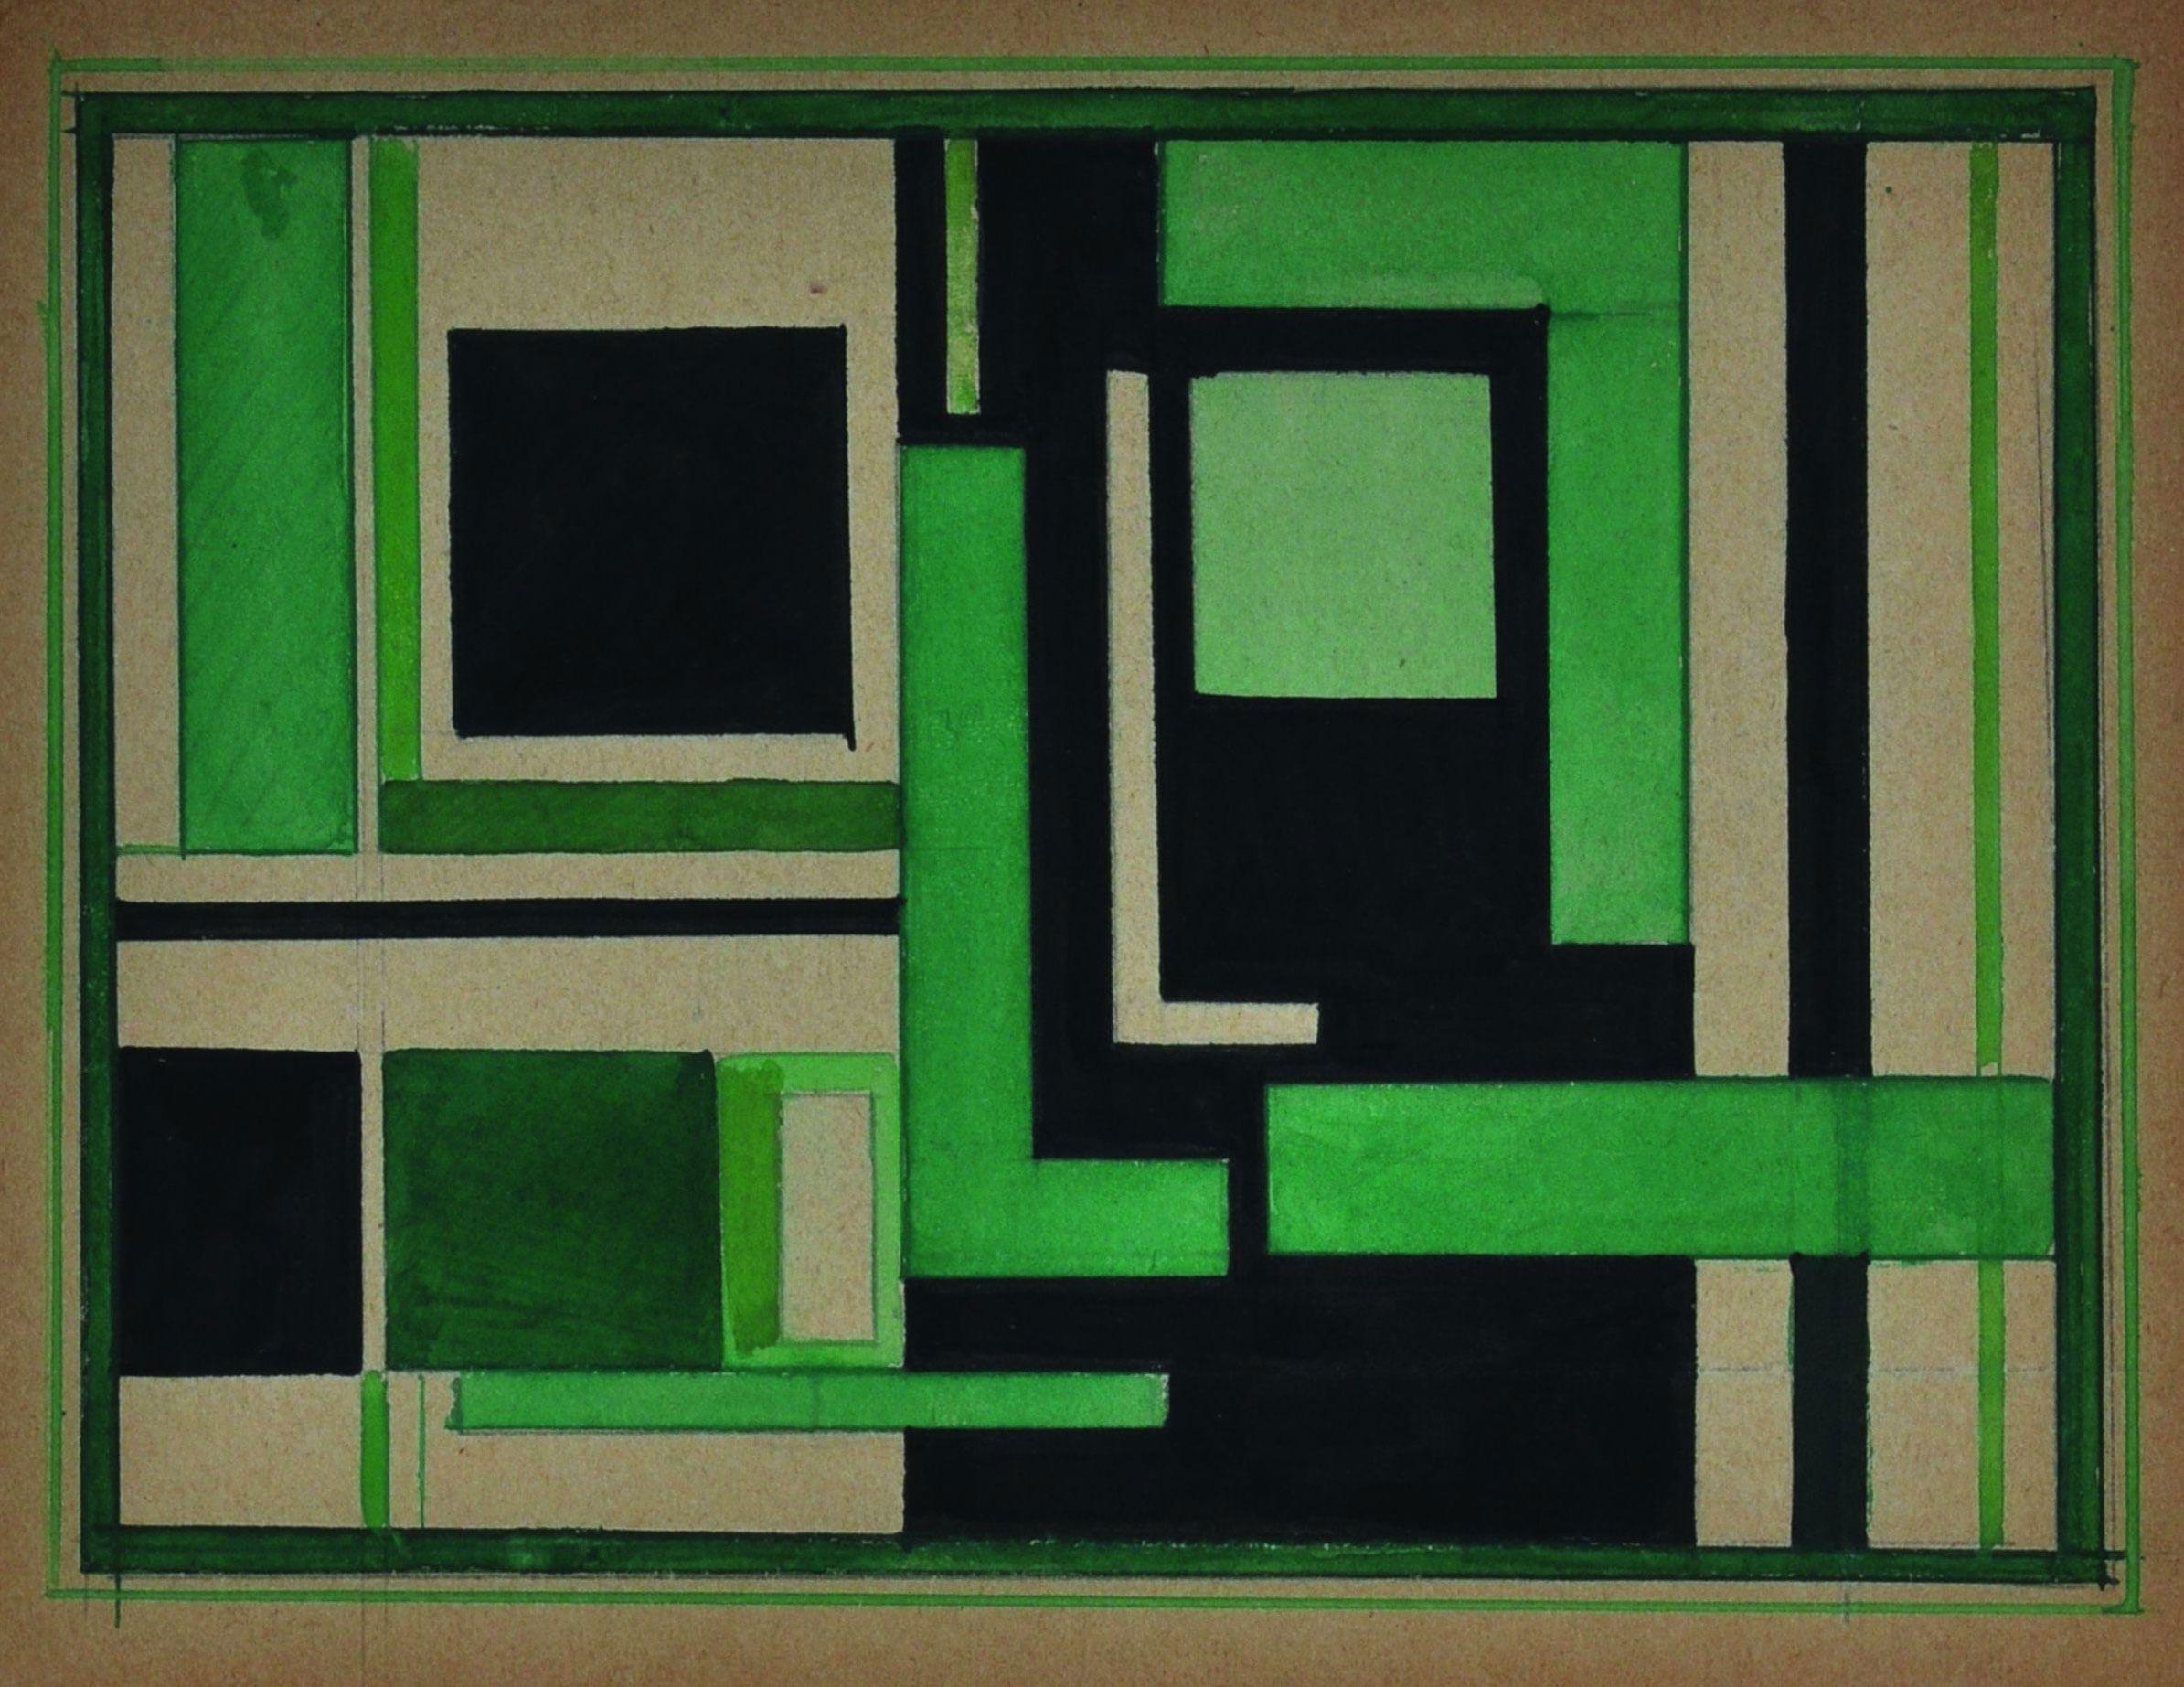 Н.Суетин. Супрематическая композиция с черным и зеленым. 1925. Sepherot Foundation